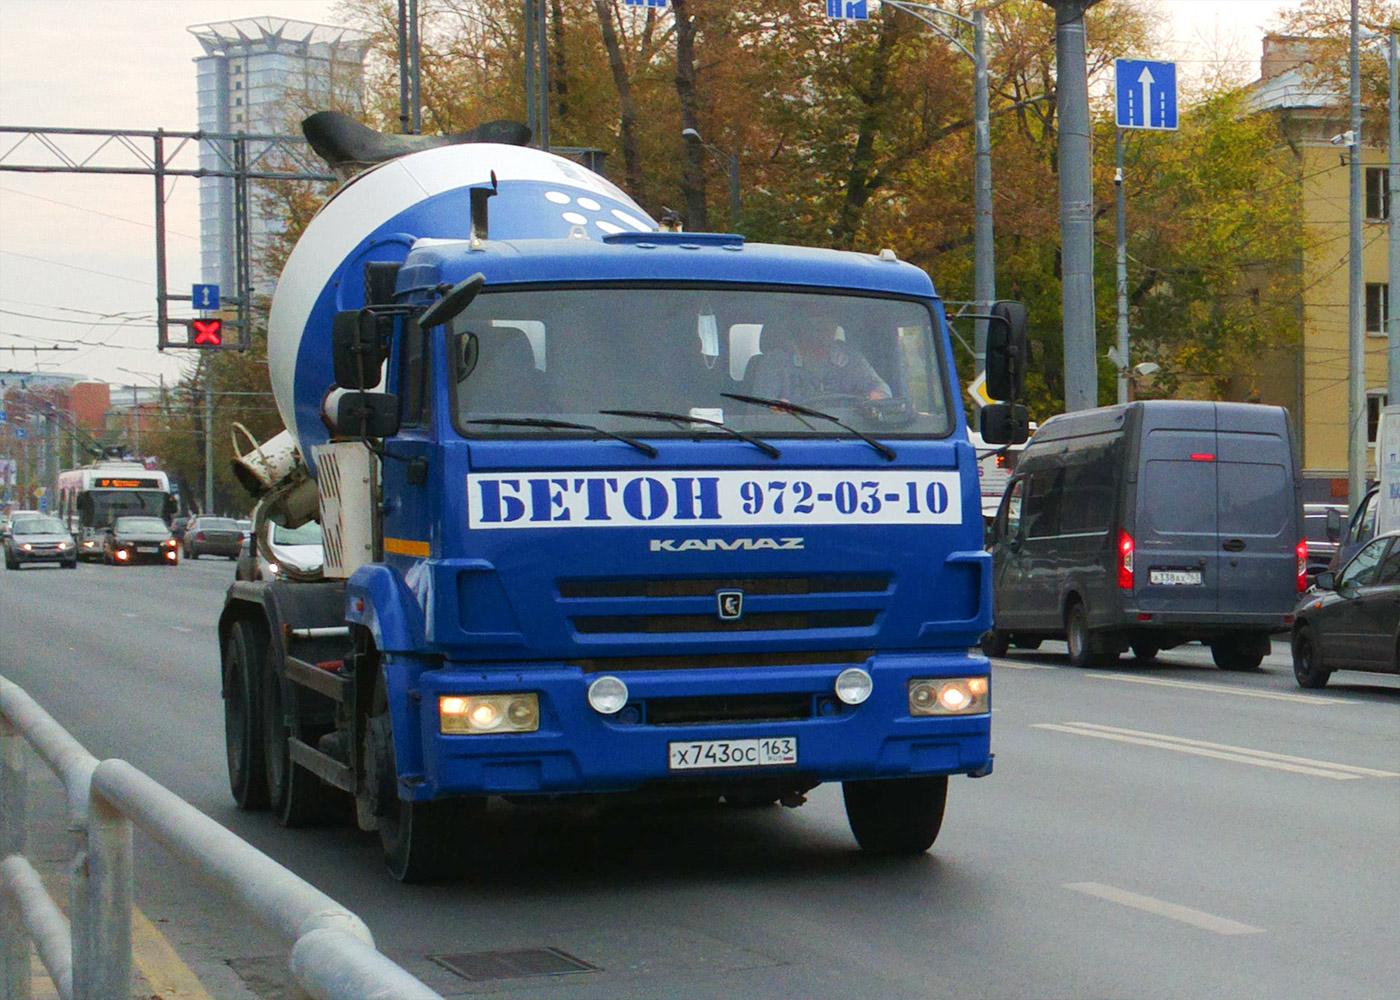 бетоносмеситель на шасси КамАЗ-55102 #Х743ОС163. Самара, Московское шоссе